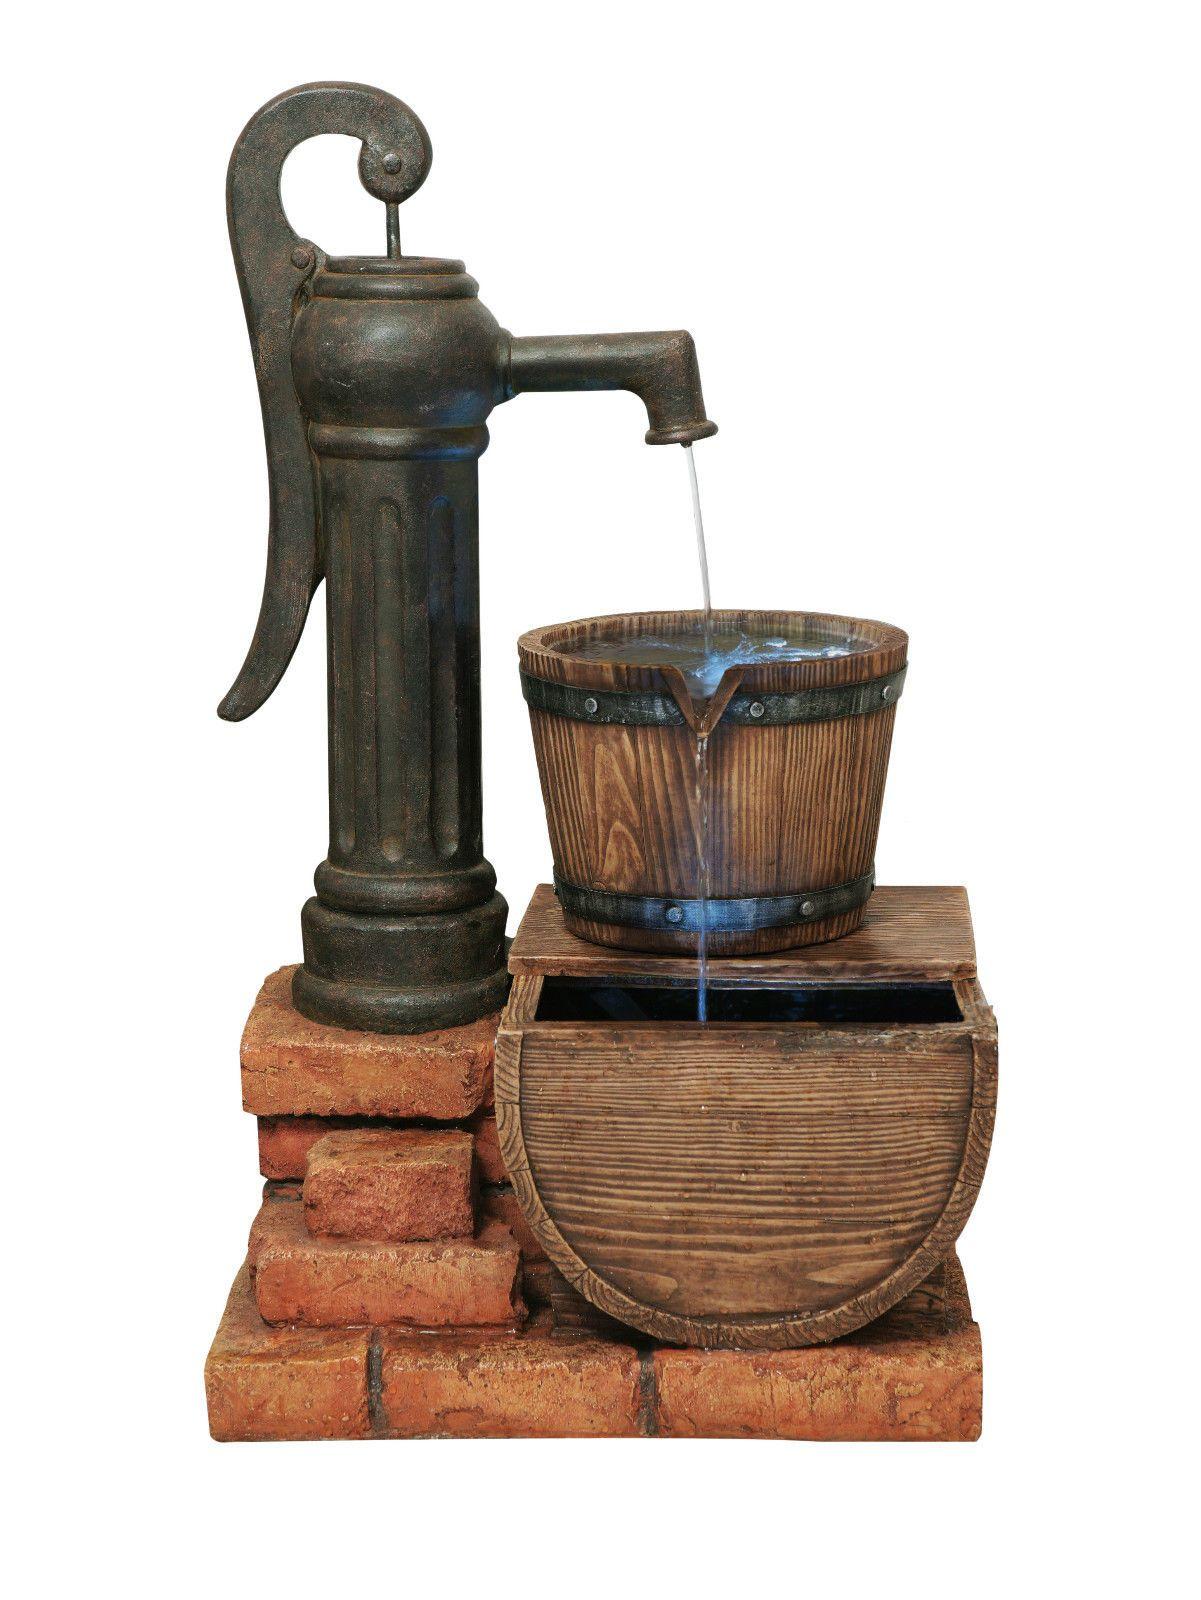 Handpumpe Und Fassbrunnen Mit Led Beleuchtung Gartenbrunnen Holz Optik Eur 236 99 Brunnen Led Beleuchtung Beleuchtung